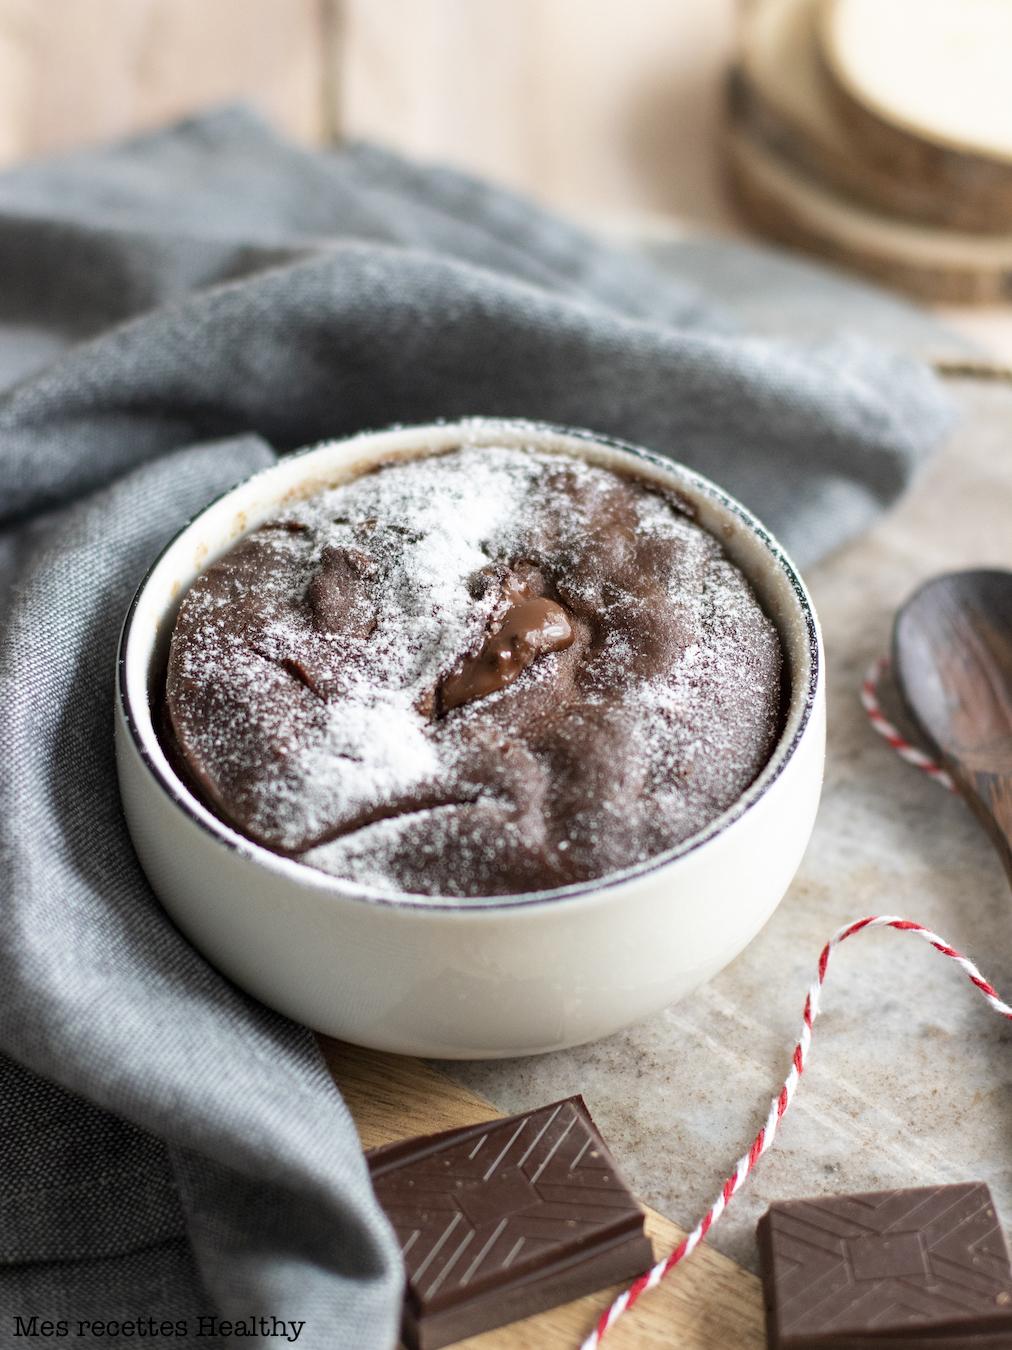 recette healthy-gateau au chocolat-gateau vapeur-fondant au chocolat-gateau chocolat coulant-beurre de cacahuete-peanut butter